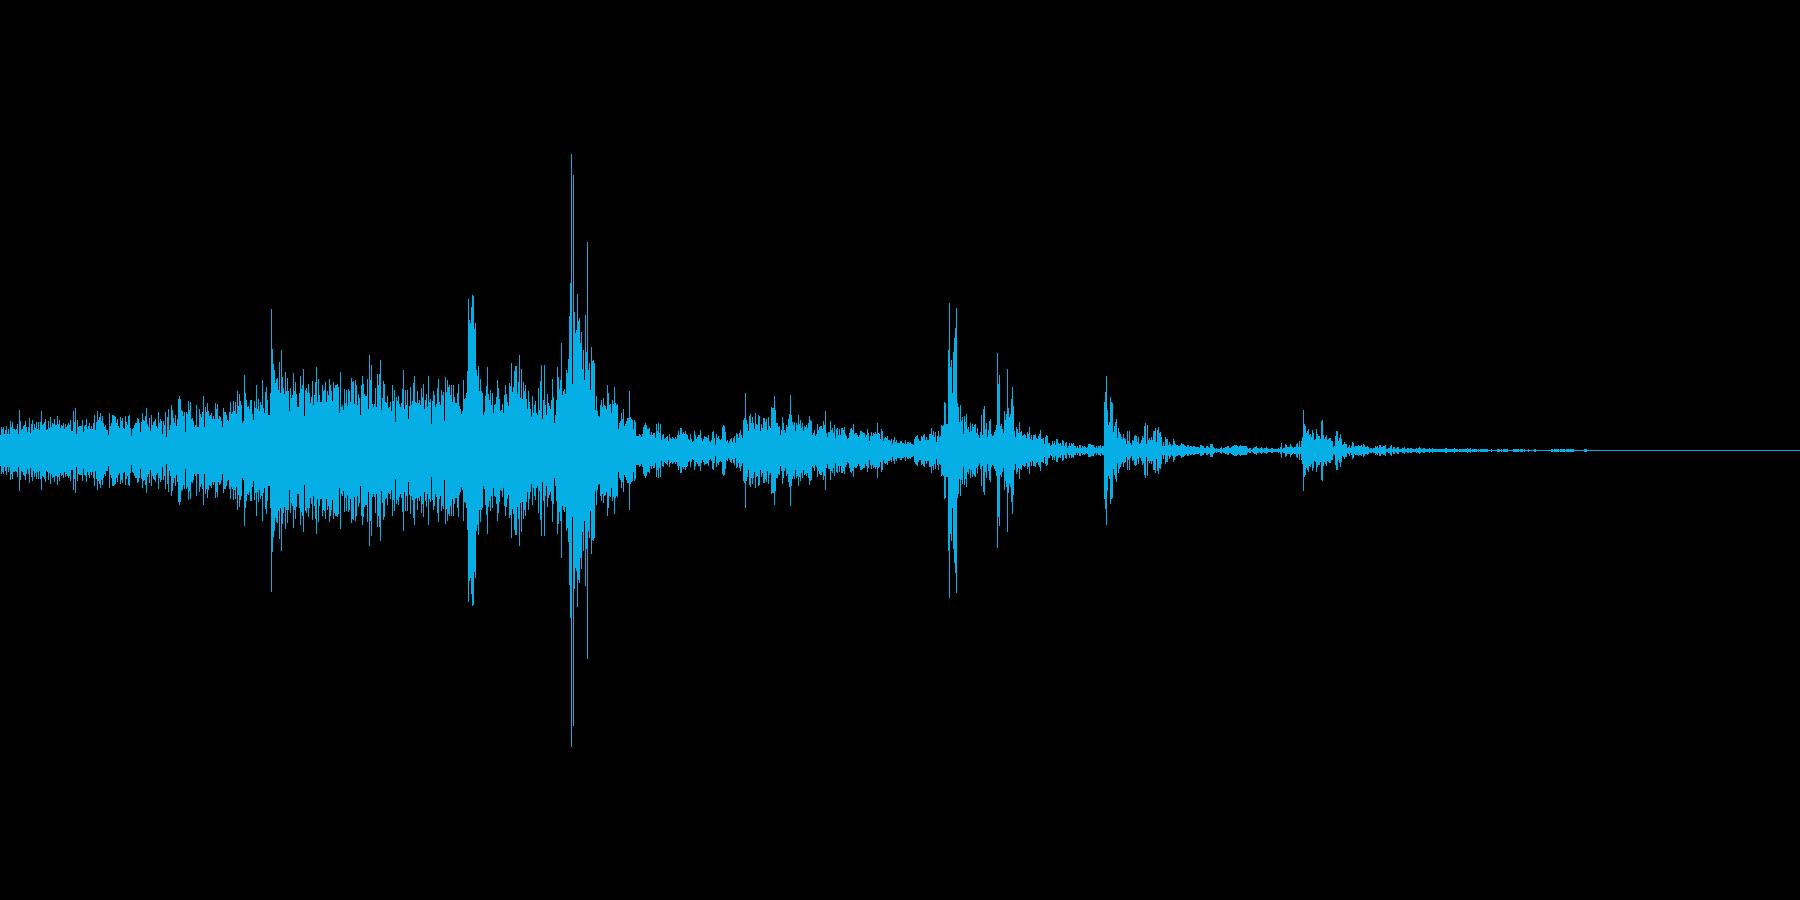 ページをめくる音の再生済みの波形